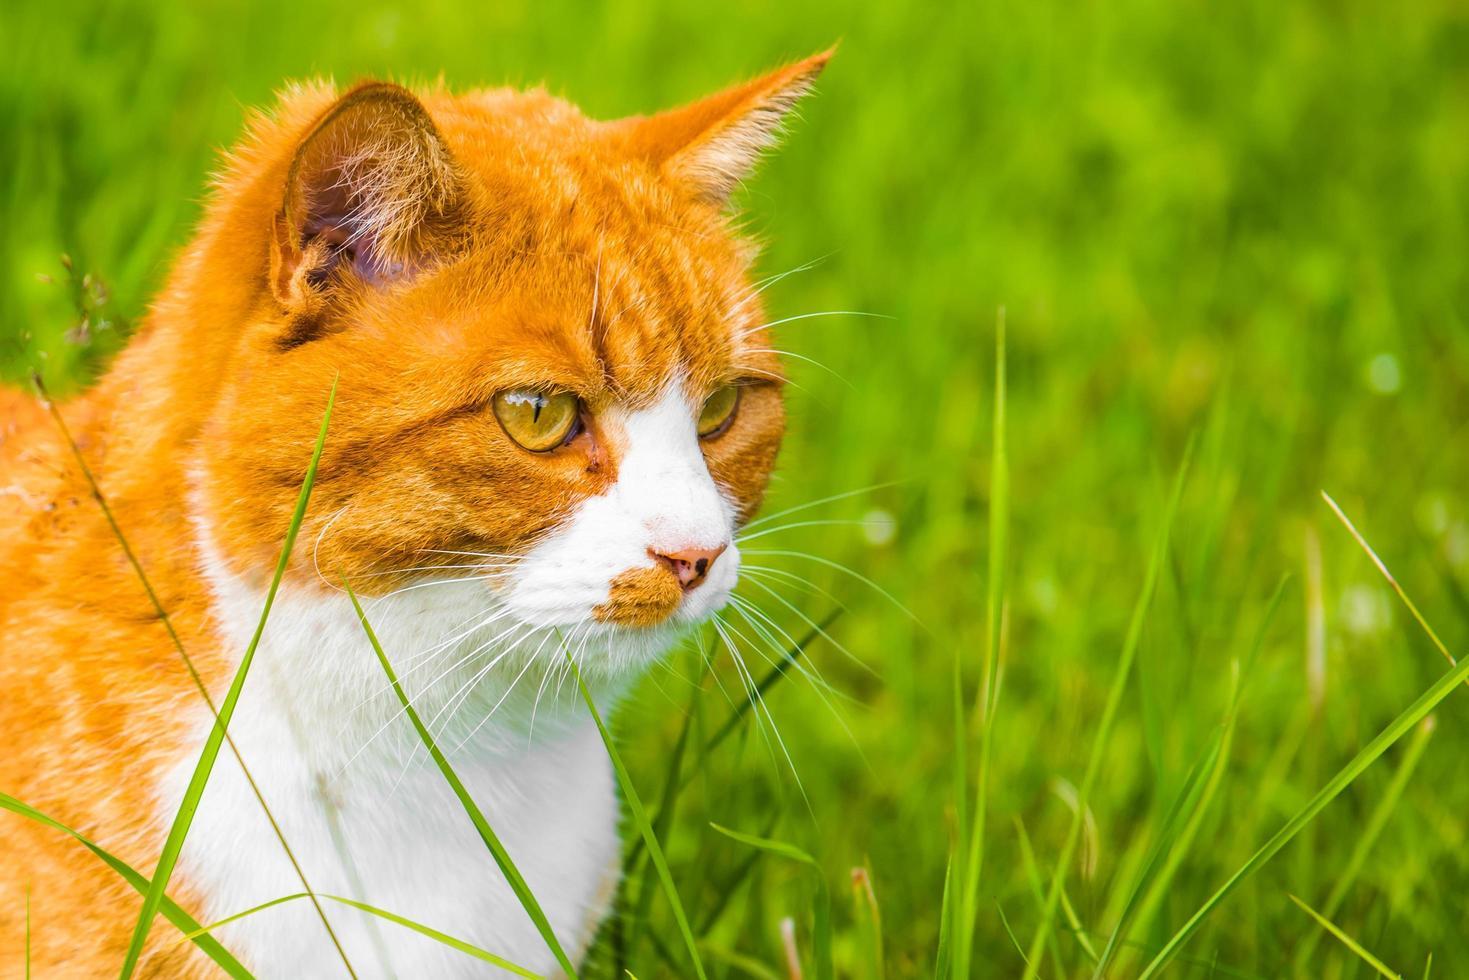 Vue latérale portrait de chat orange assis dans l'herbe verte photo